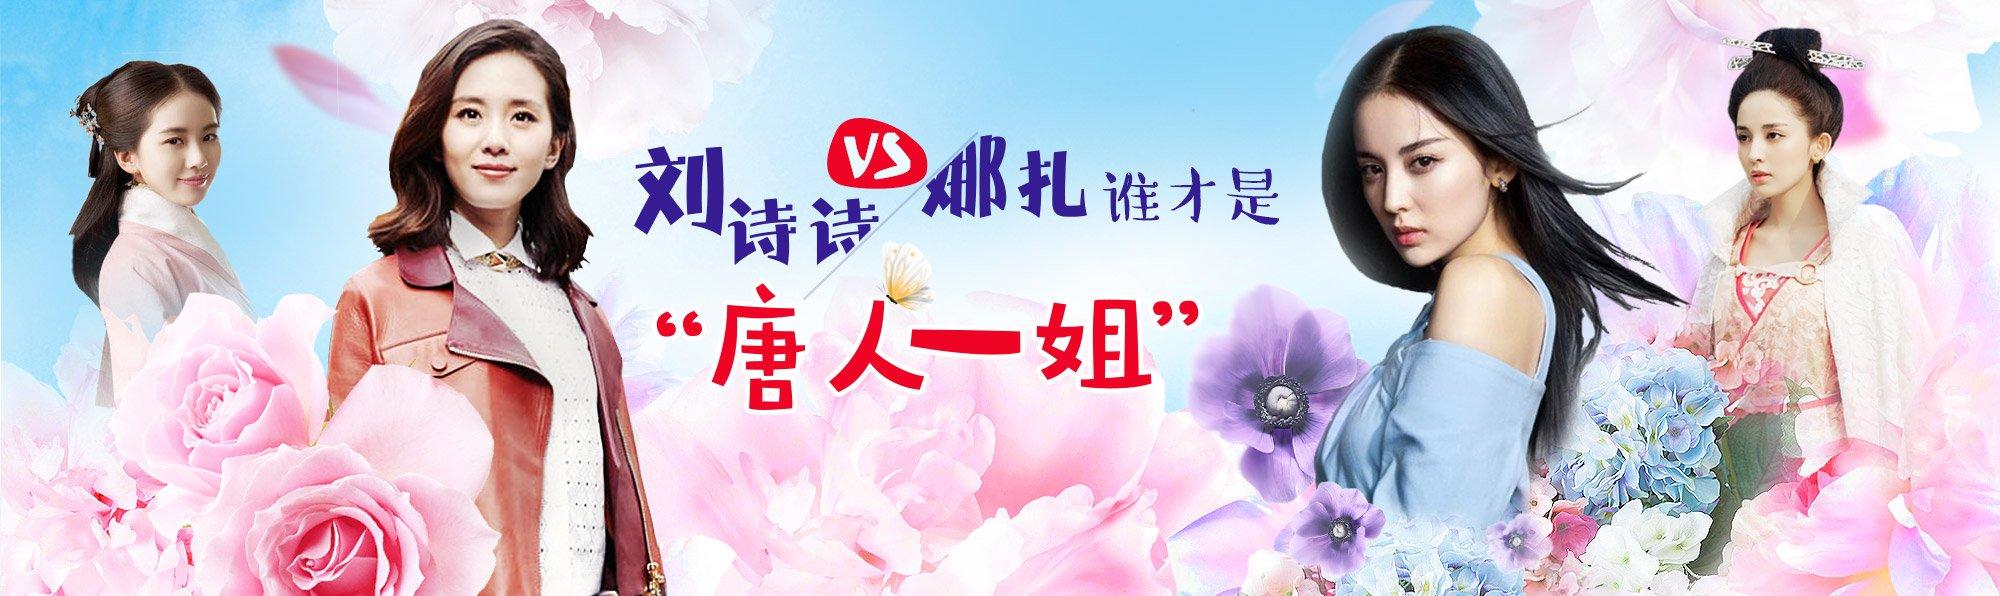 """刘诗诗VS娜扎 """"谁才是唐人一姐"""""""